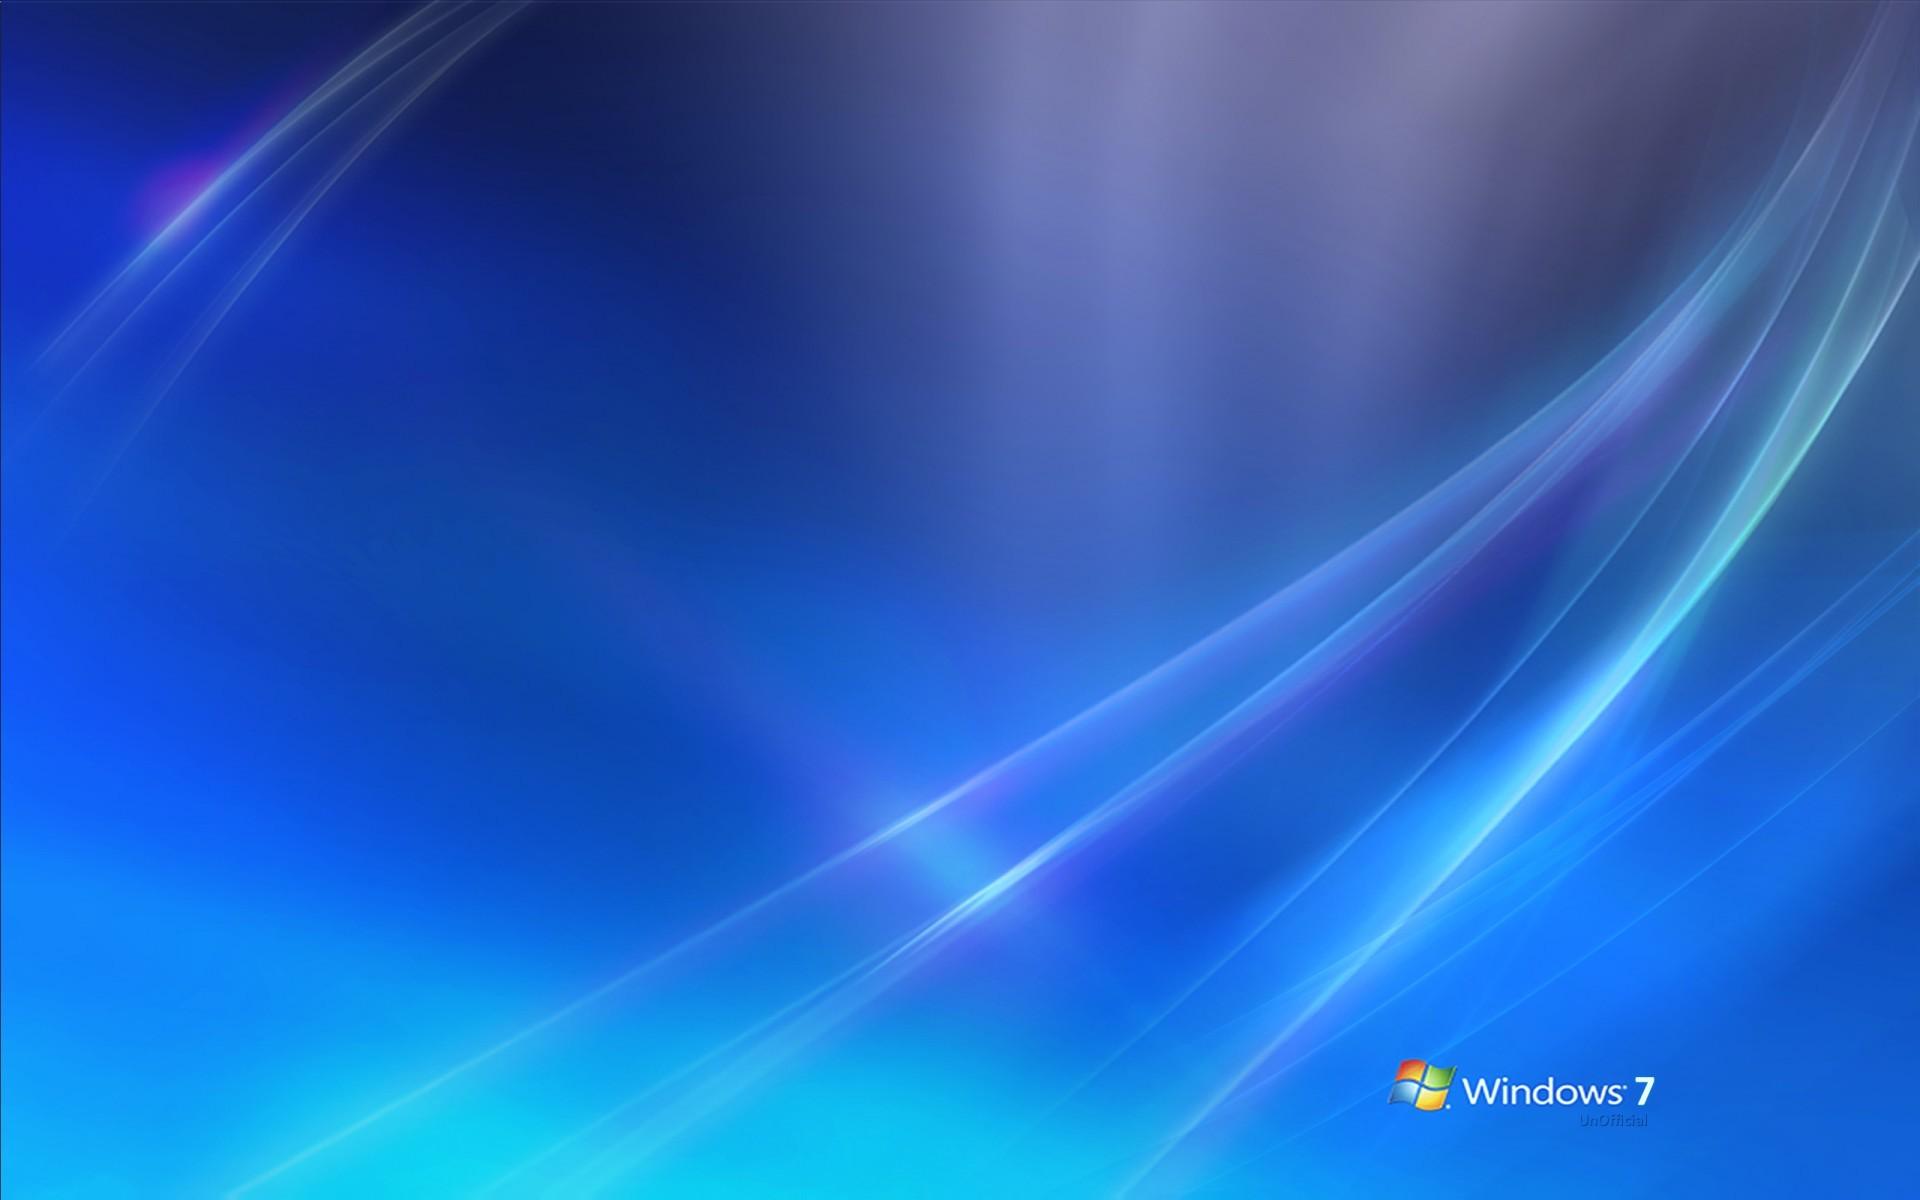 9872 скачать Синие обои на телефон бесплатно, Windows, Фон Синие картинки и заставки на мобильный